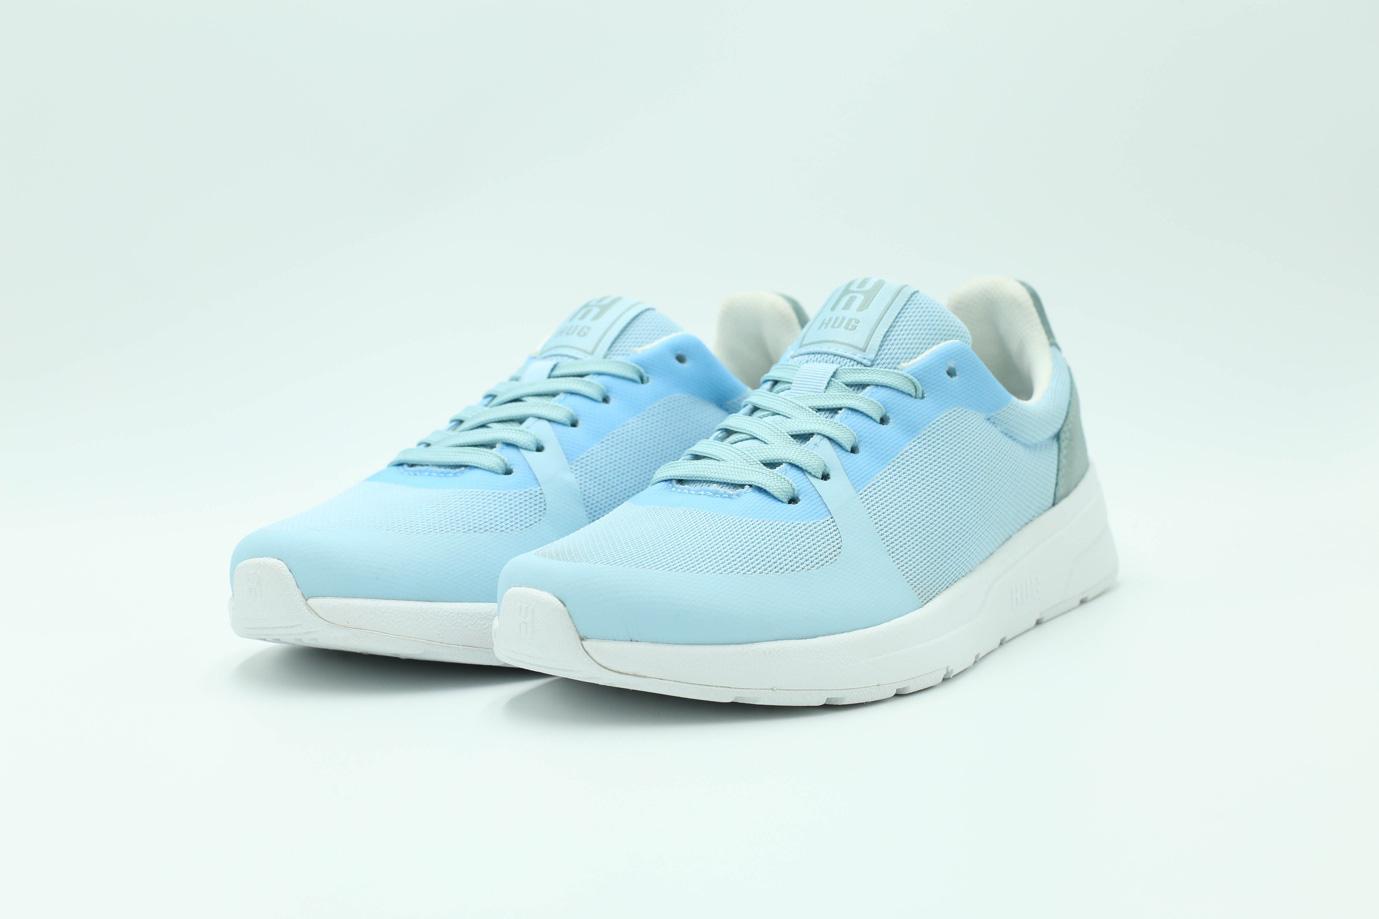 """Mẫu giày made in Vietnam hứa hẹn sẽ khiến cộng đồng sneaker Việt """"dậy sóng - Ảnh 8."""